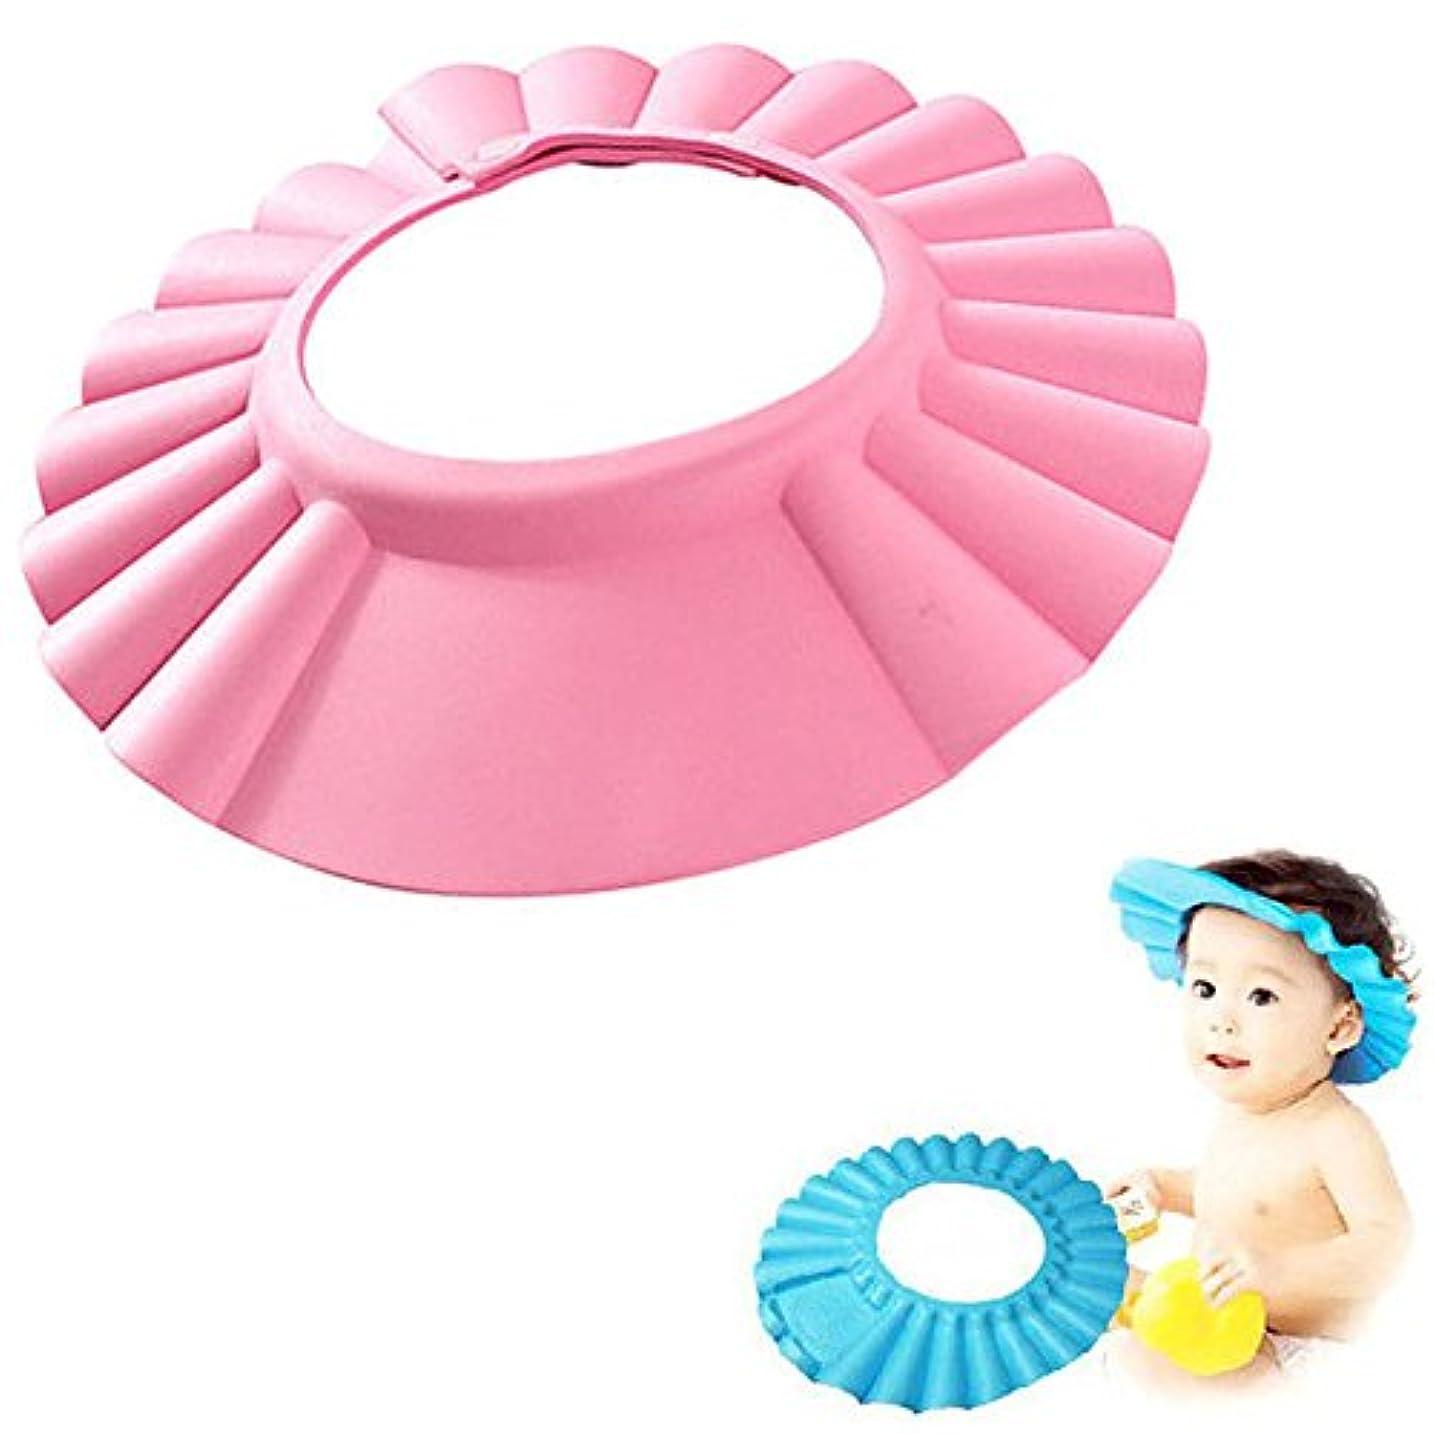 どっちでも環境に優しい運河シャンプーハット 子供 洗髪用帽子 お風呂 防水帽 水漏れない樹脂 サイズ調節 (ピンク)